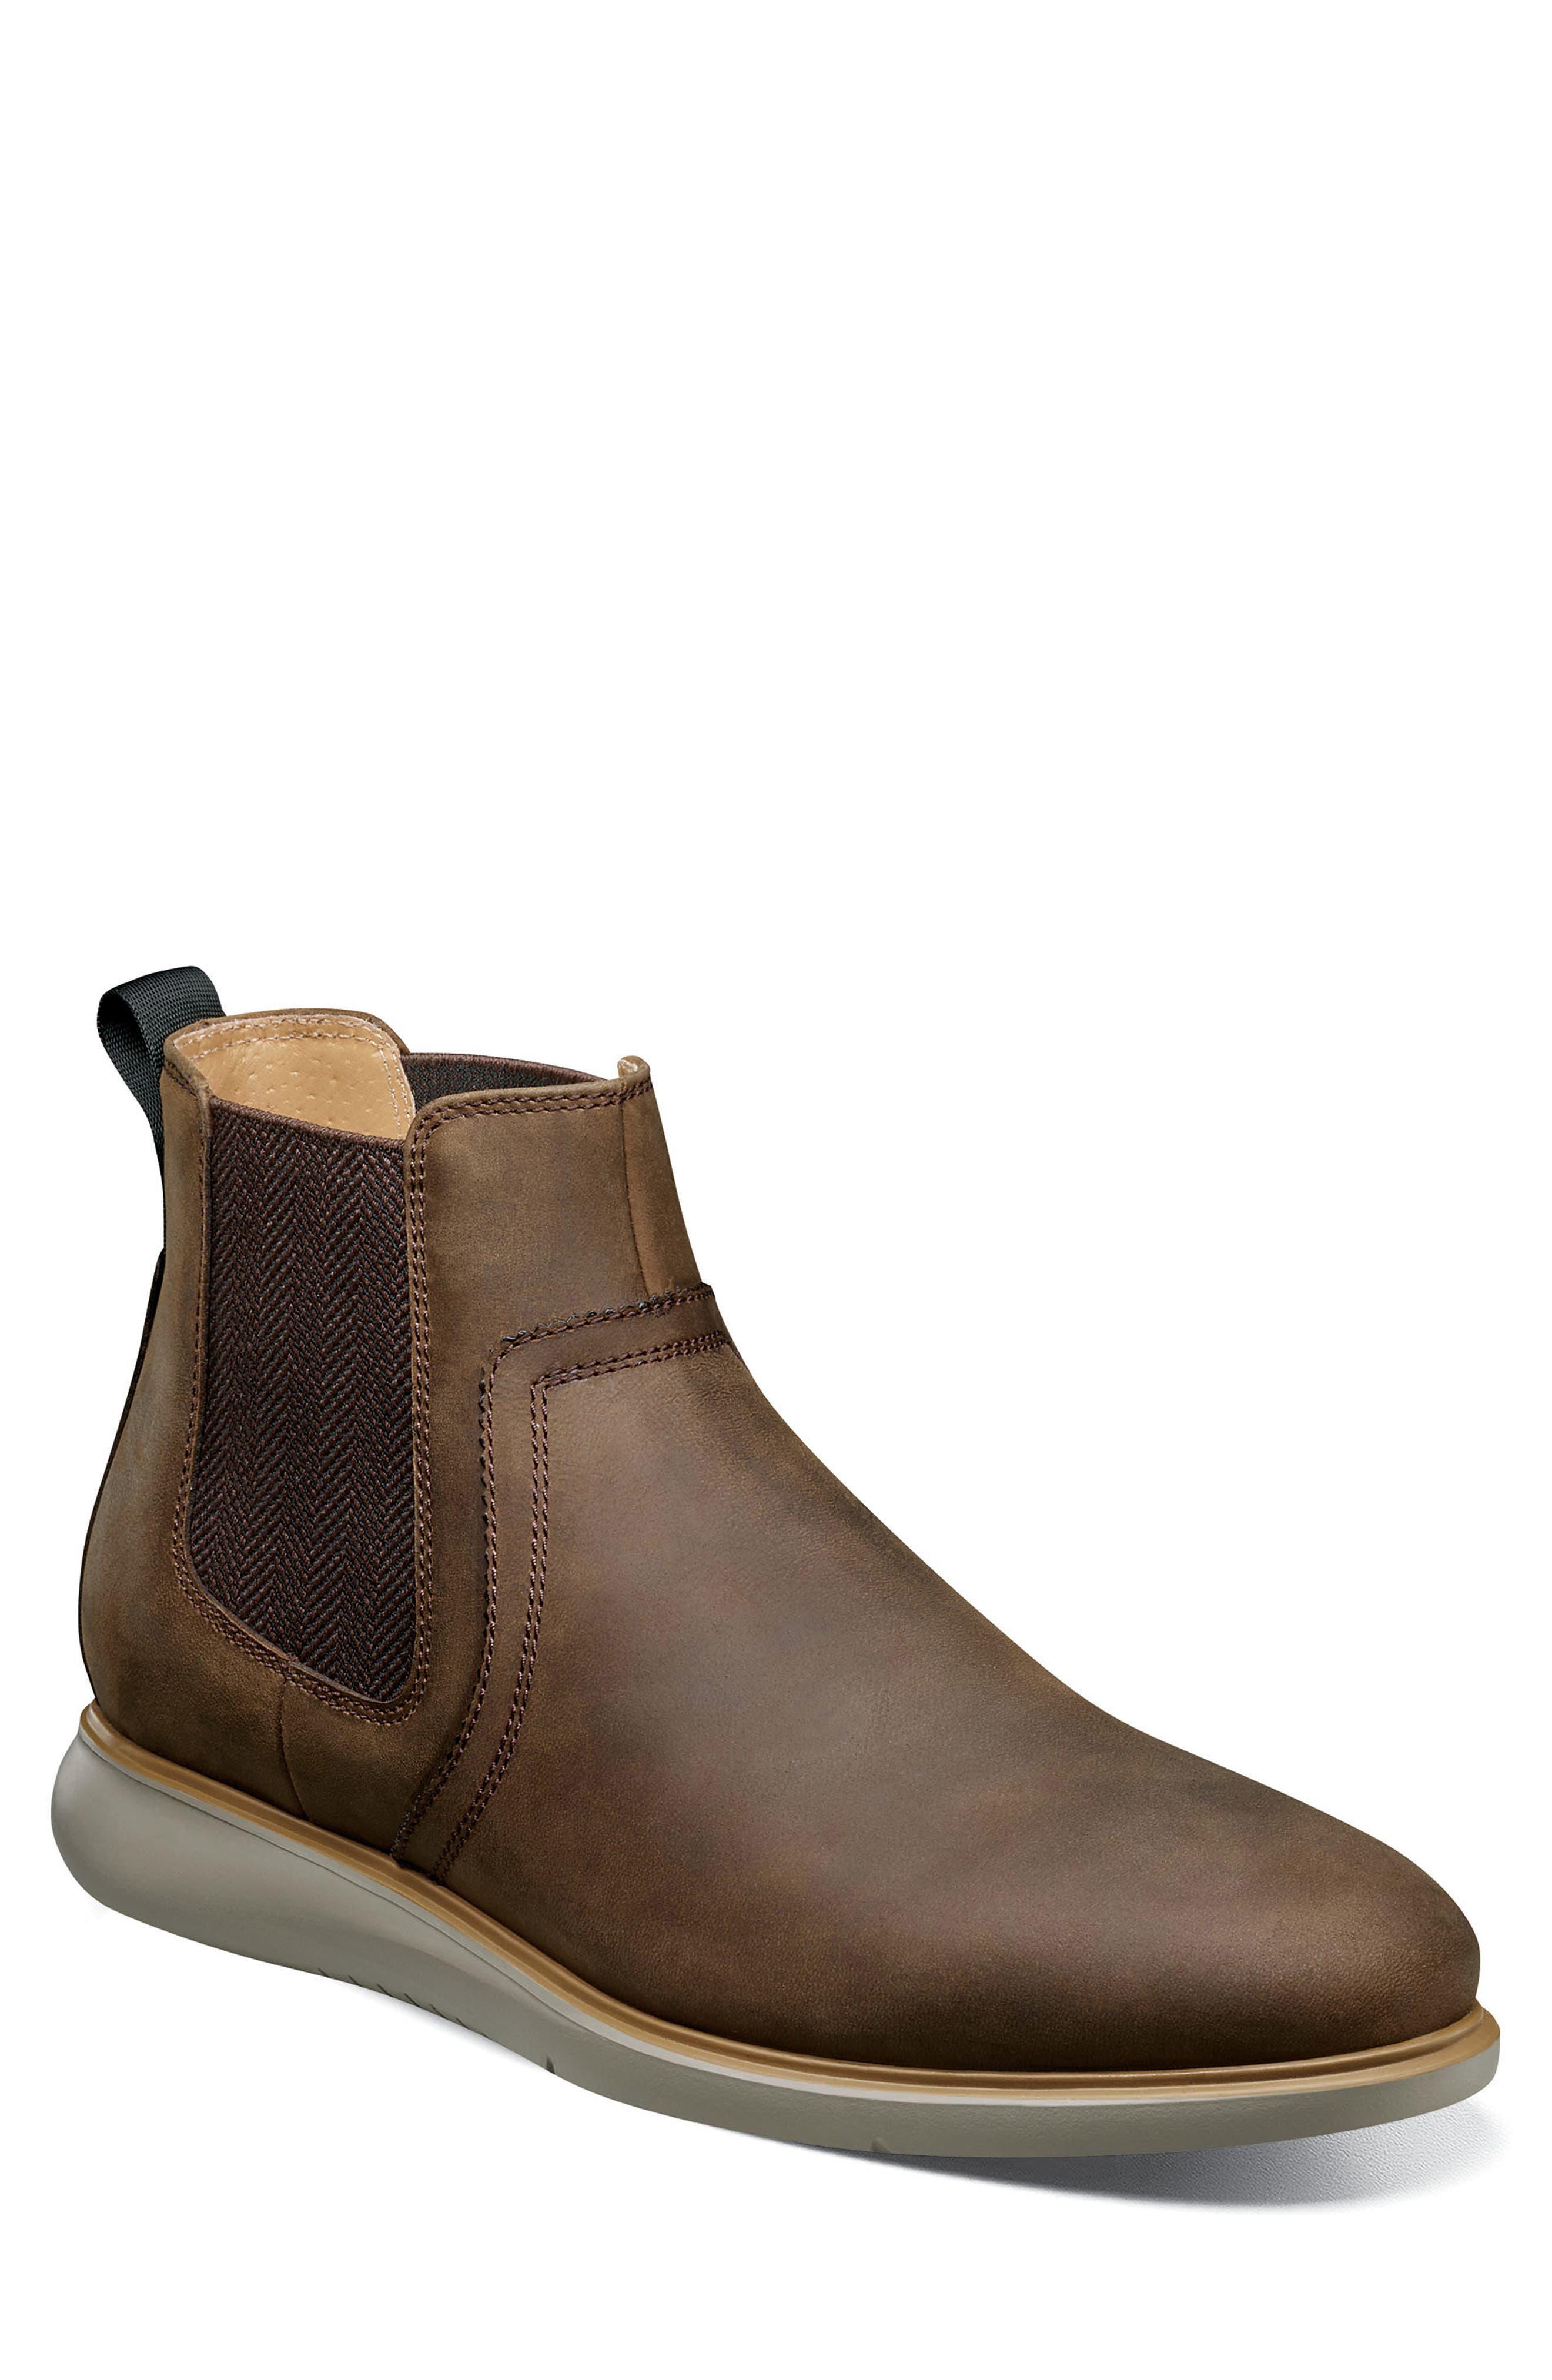 Image of Florsheim Fuel Plain Toe Chelsea Boot